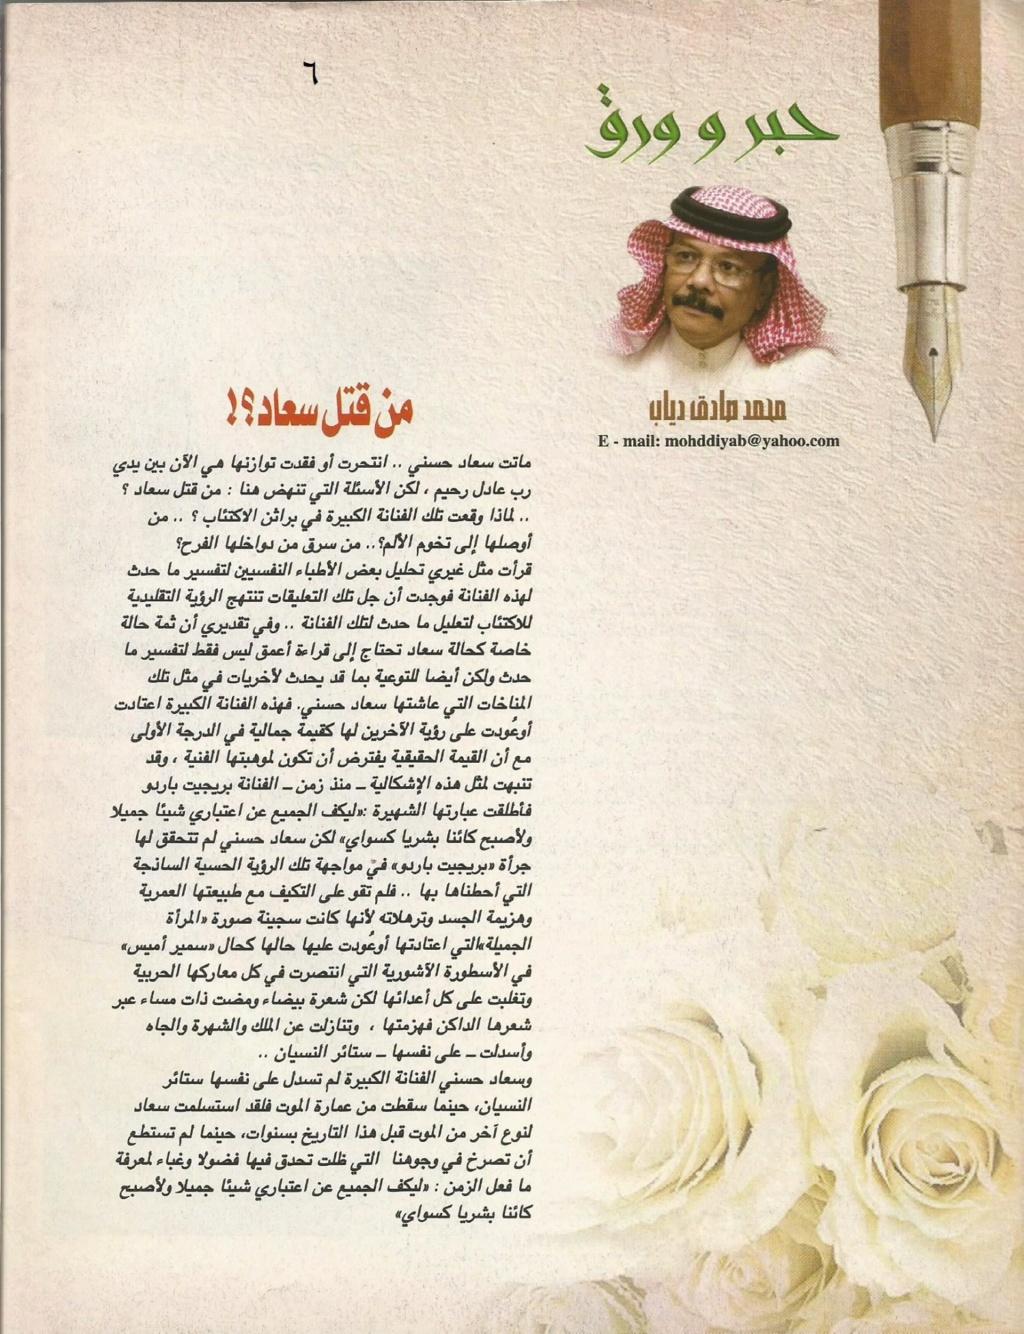 مقال - مقال صحفي : الجديدة من لندن إلى القاهرة تتابع النهاية المأساوية لسعاد حسني 2001 م 713